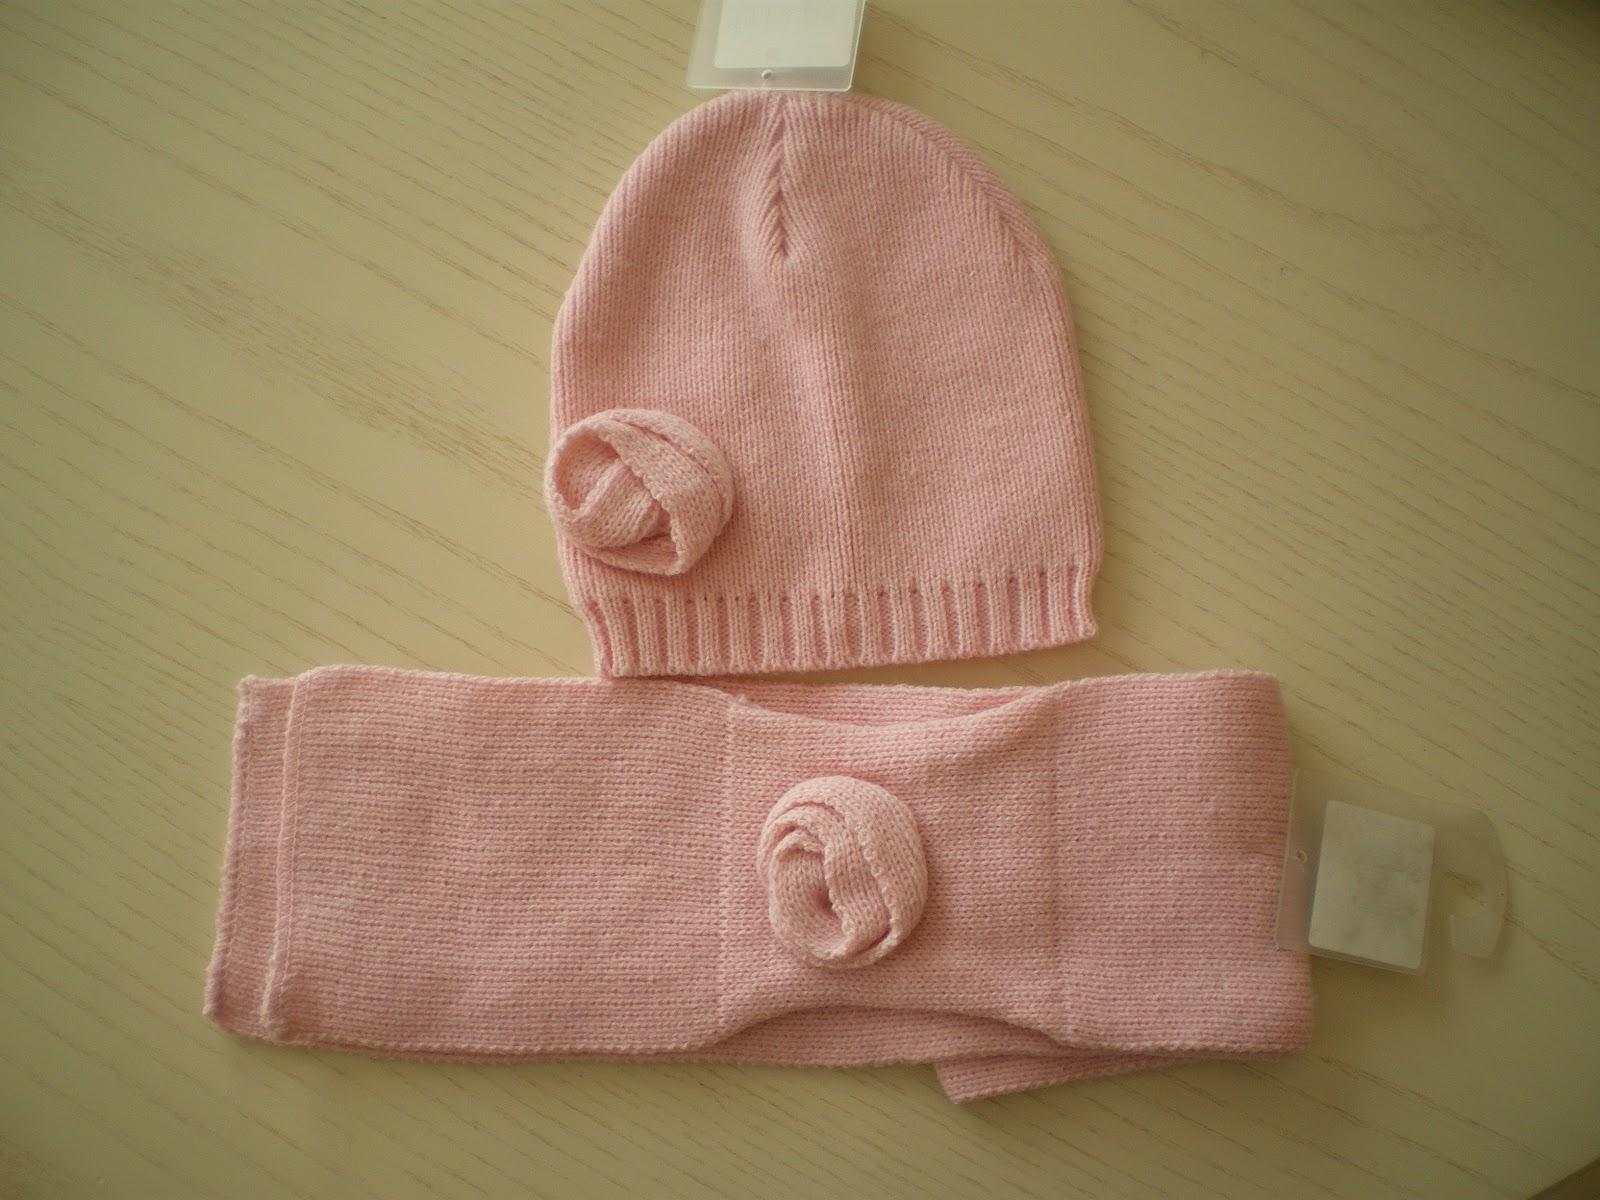 2e19ddab5301 Ensemble bonnet + écharpe. Rose Bonnet 44 48cm écharpe 80cmx10cm. Elle se  passe dans lepassant sous la rose 100% acrylique - lavable à 30°C